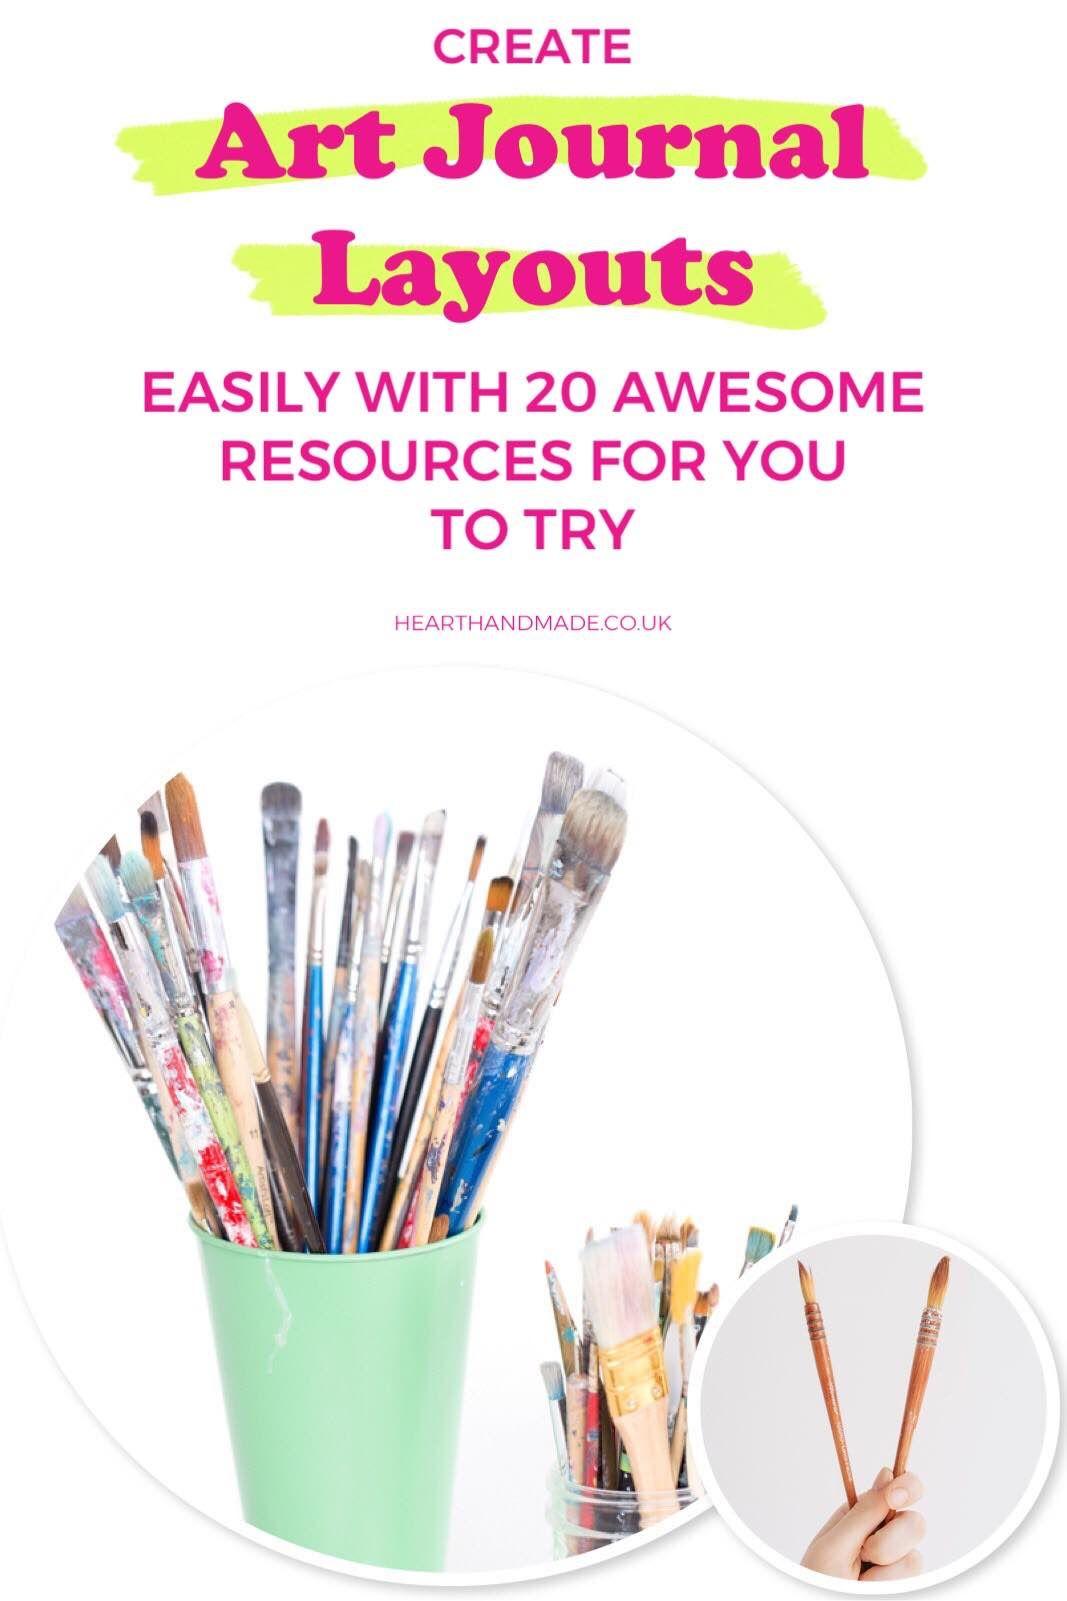 Создавайте страницы журнала с помощью этих 20 замечательных ресурсов.